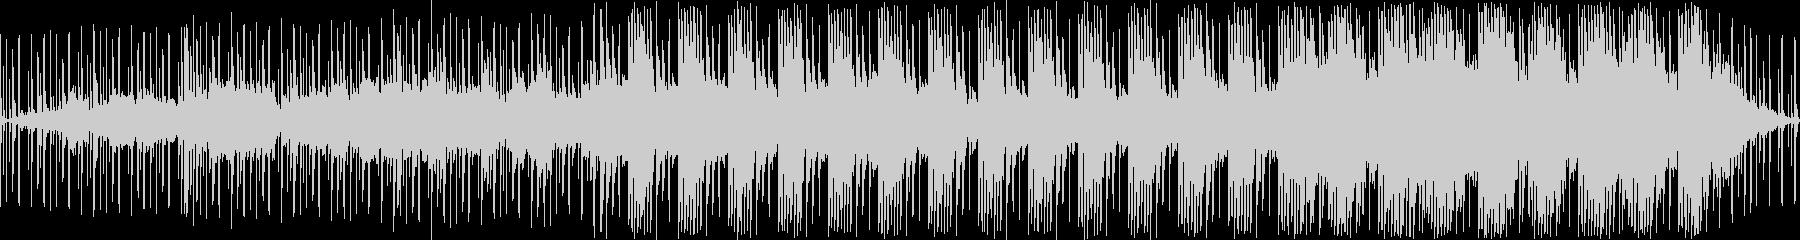 ダークで落ち着いた感じの曲(ループ)の未再生の波形